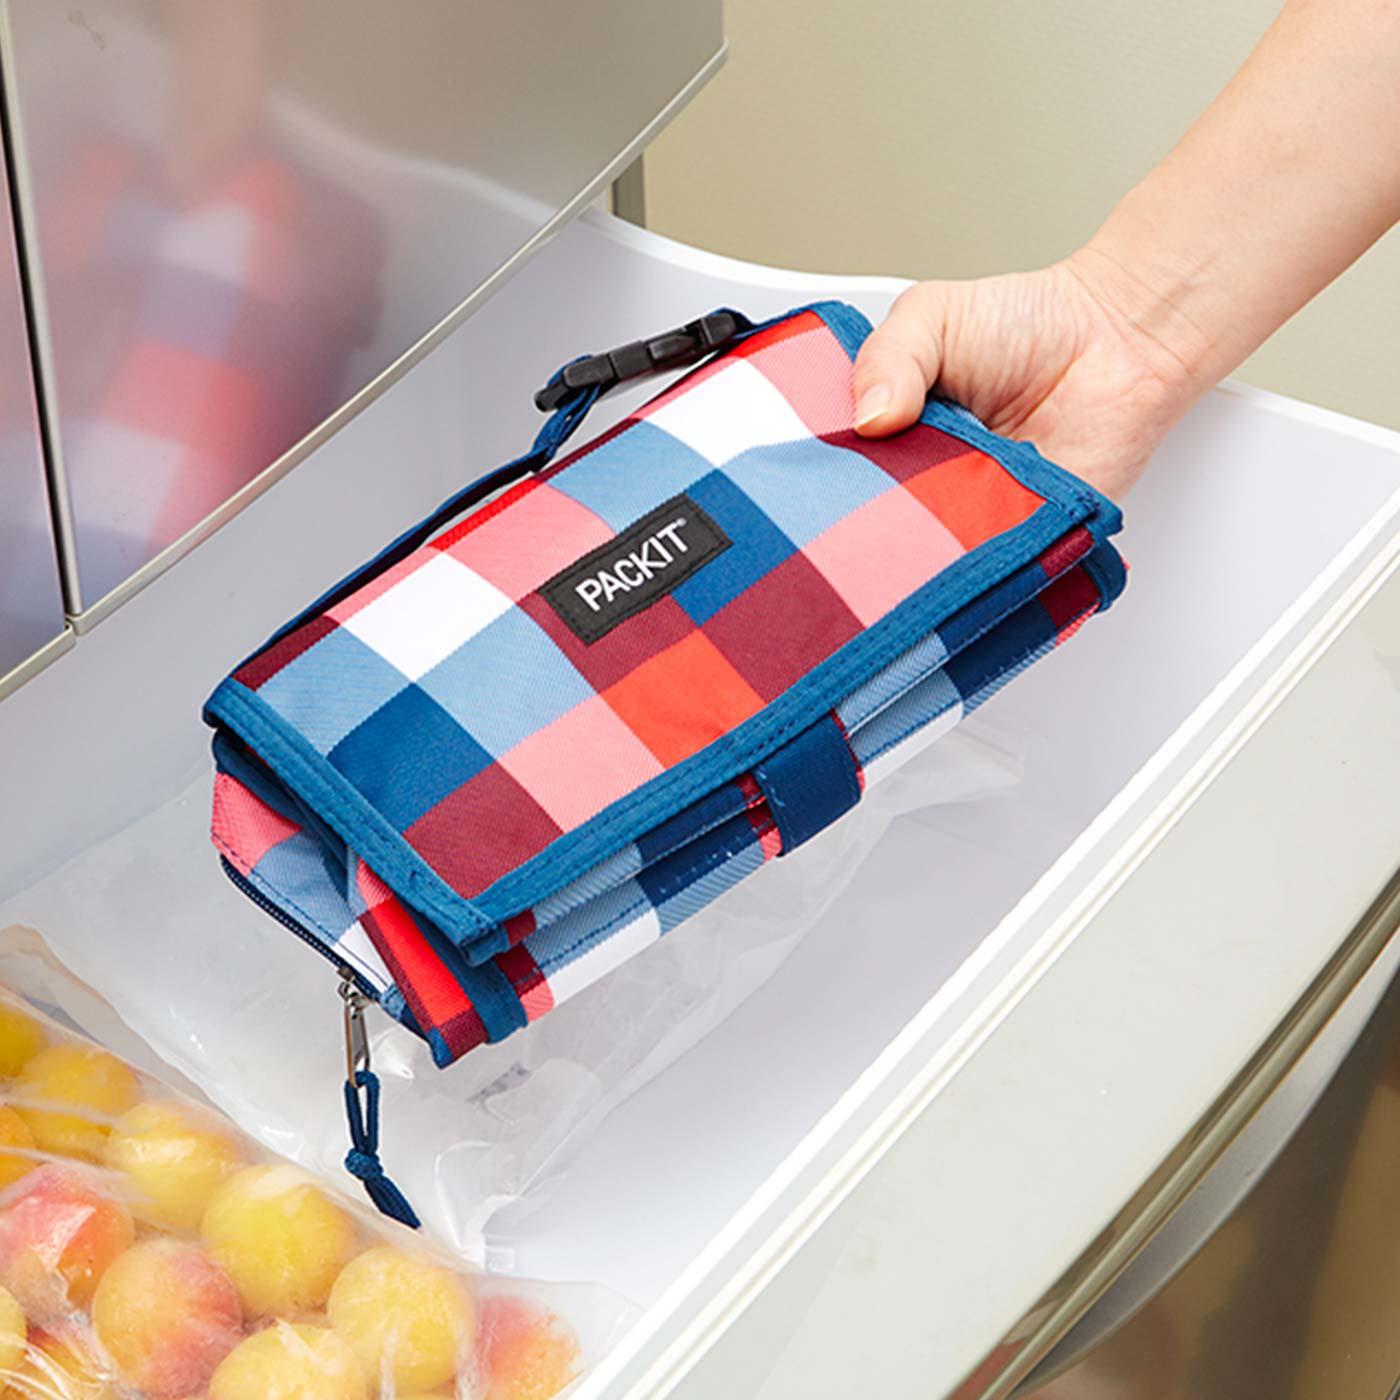 たたんだバッグをそのまま冷凍庫に入れて冷やします。